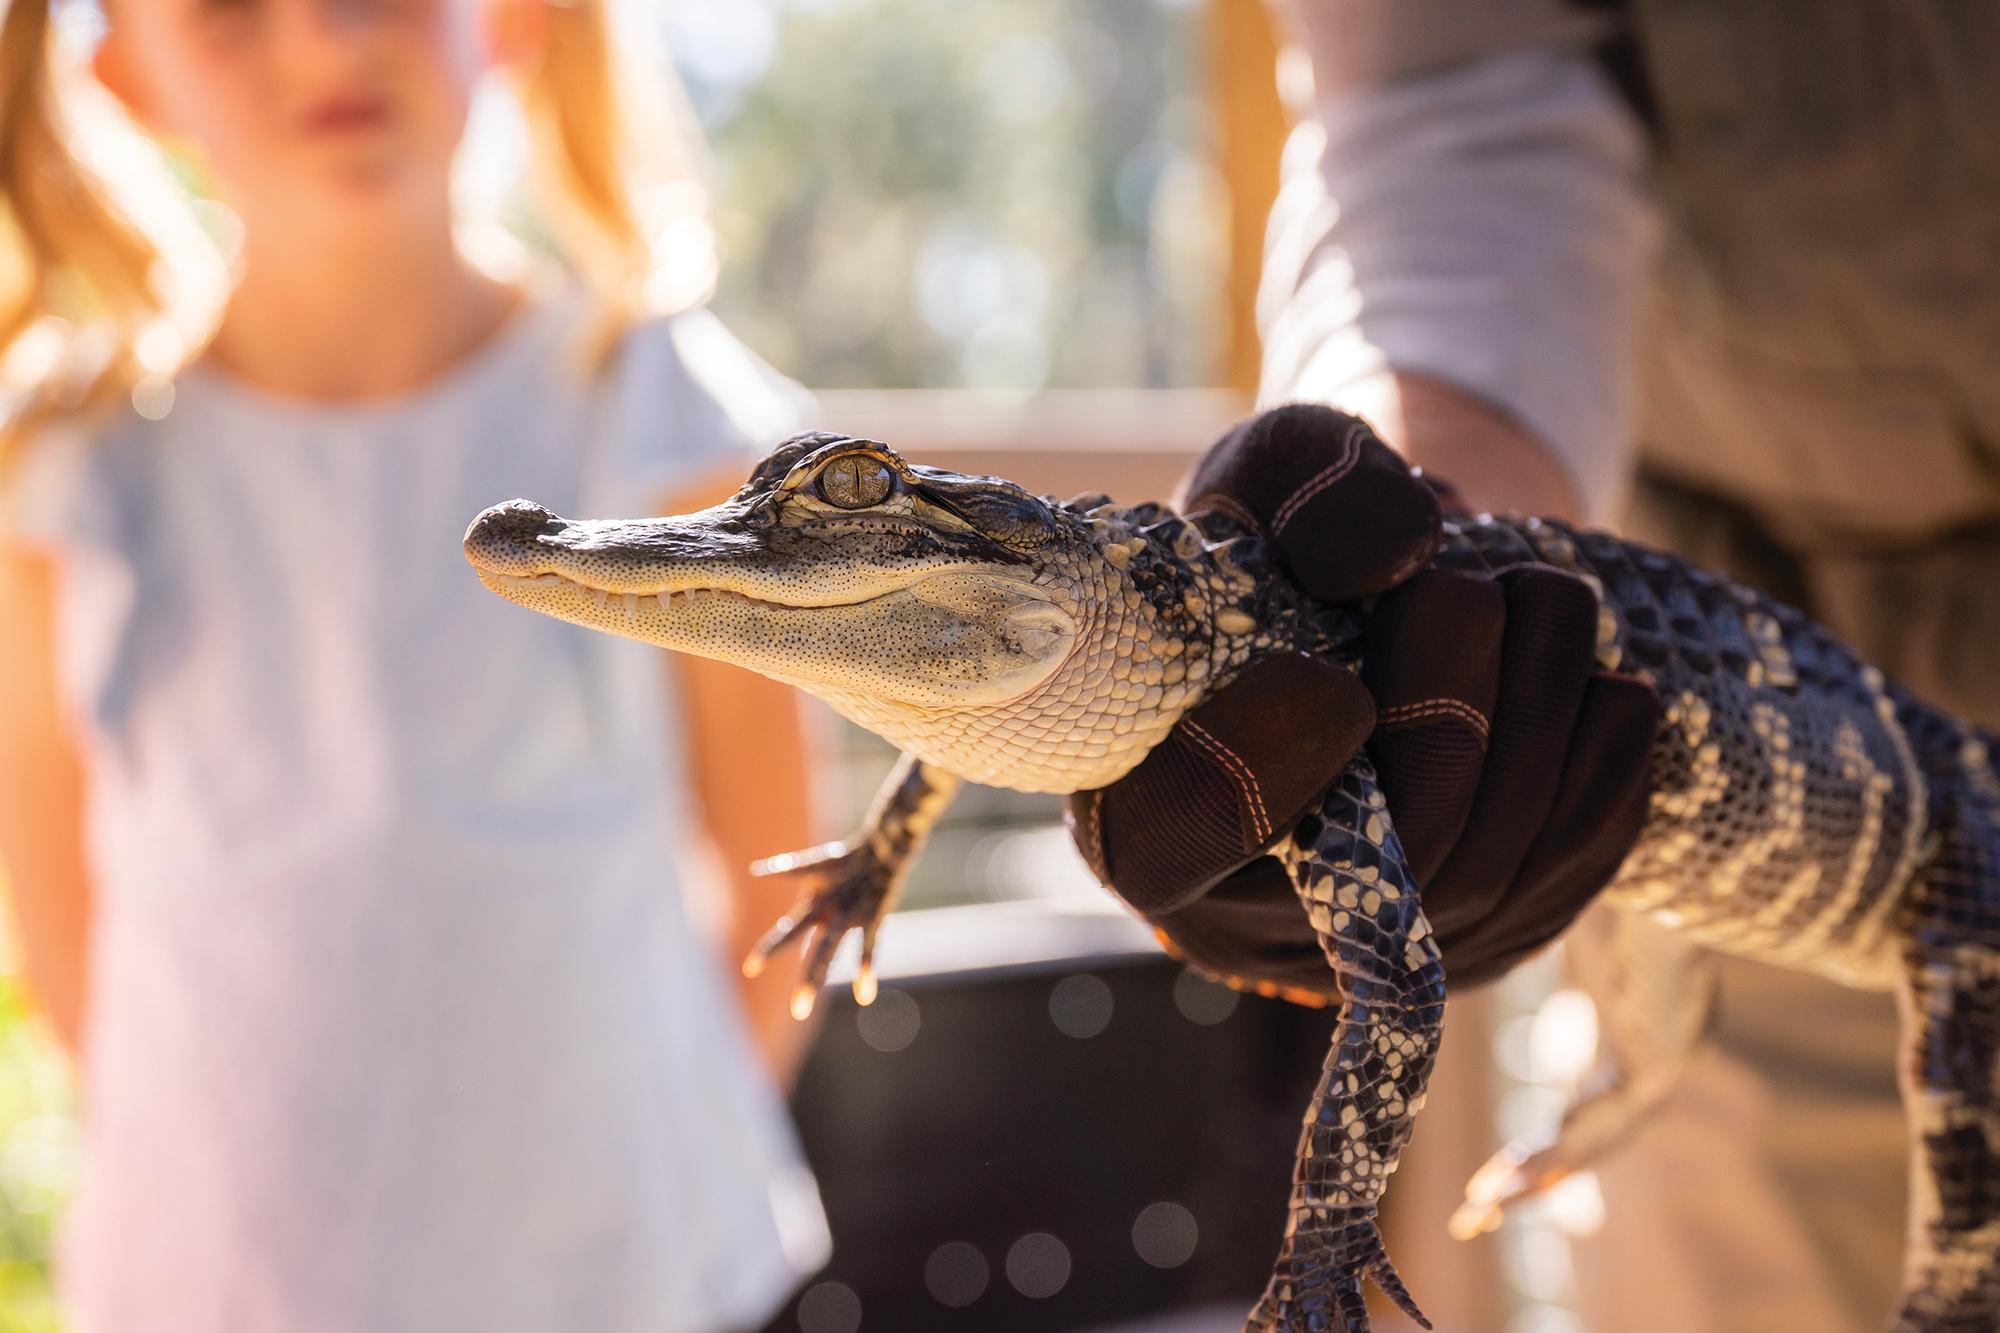 Gatorology 2